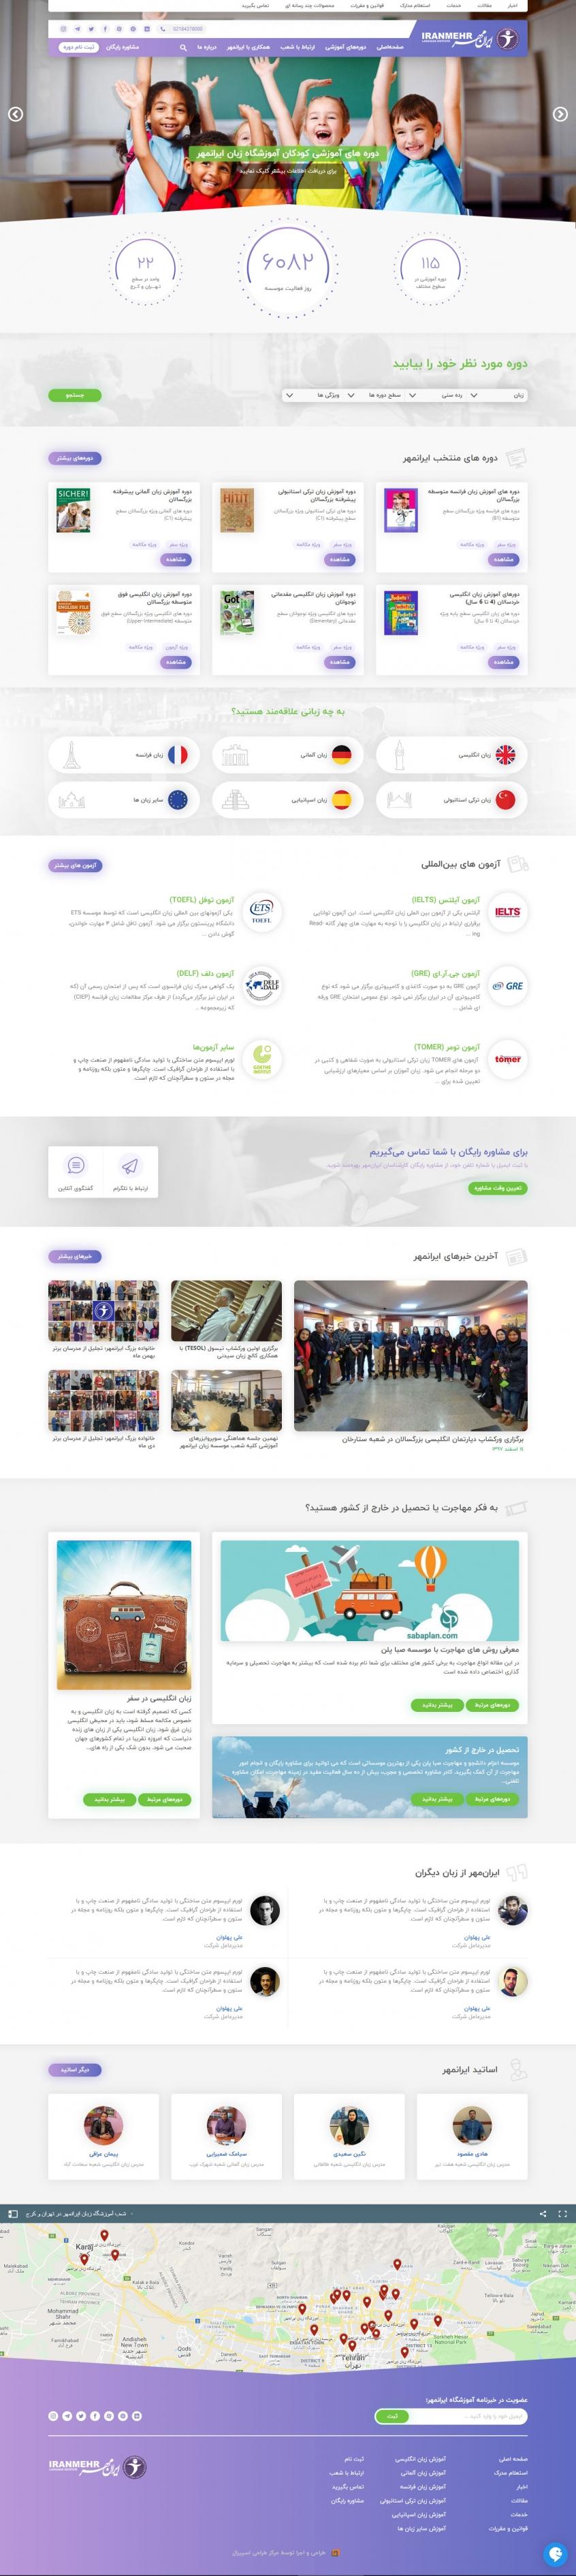 جهت مشاهده سایز اصلی طراحی این وب سایت کلیک کنید!